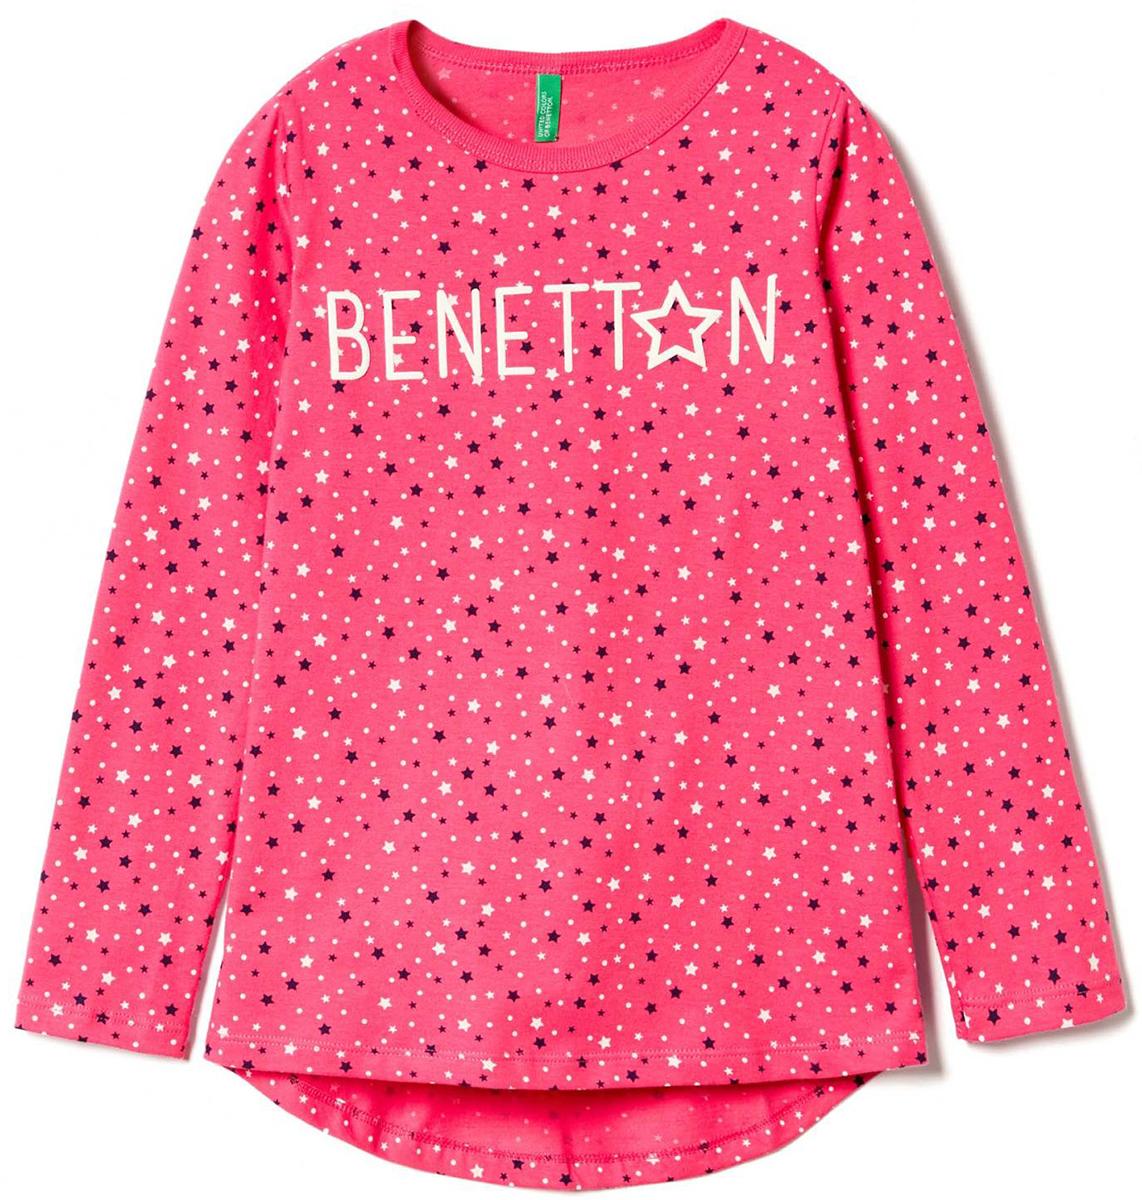 Лонгслив для девочки United Colors of Benetton, цвет: розовый. 3DY0C12VD_920. Размер 1003DY0C12VD_920Лонгслив для девочки United Colors of Benetton выполнен из хлопка. Модель с круглым вырезом горловины и длинными рукавами.